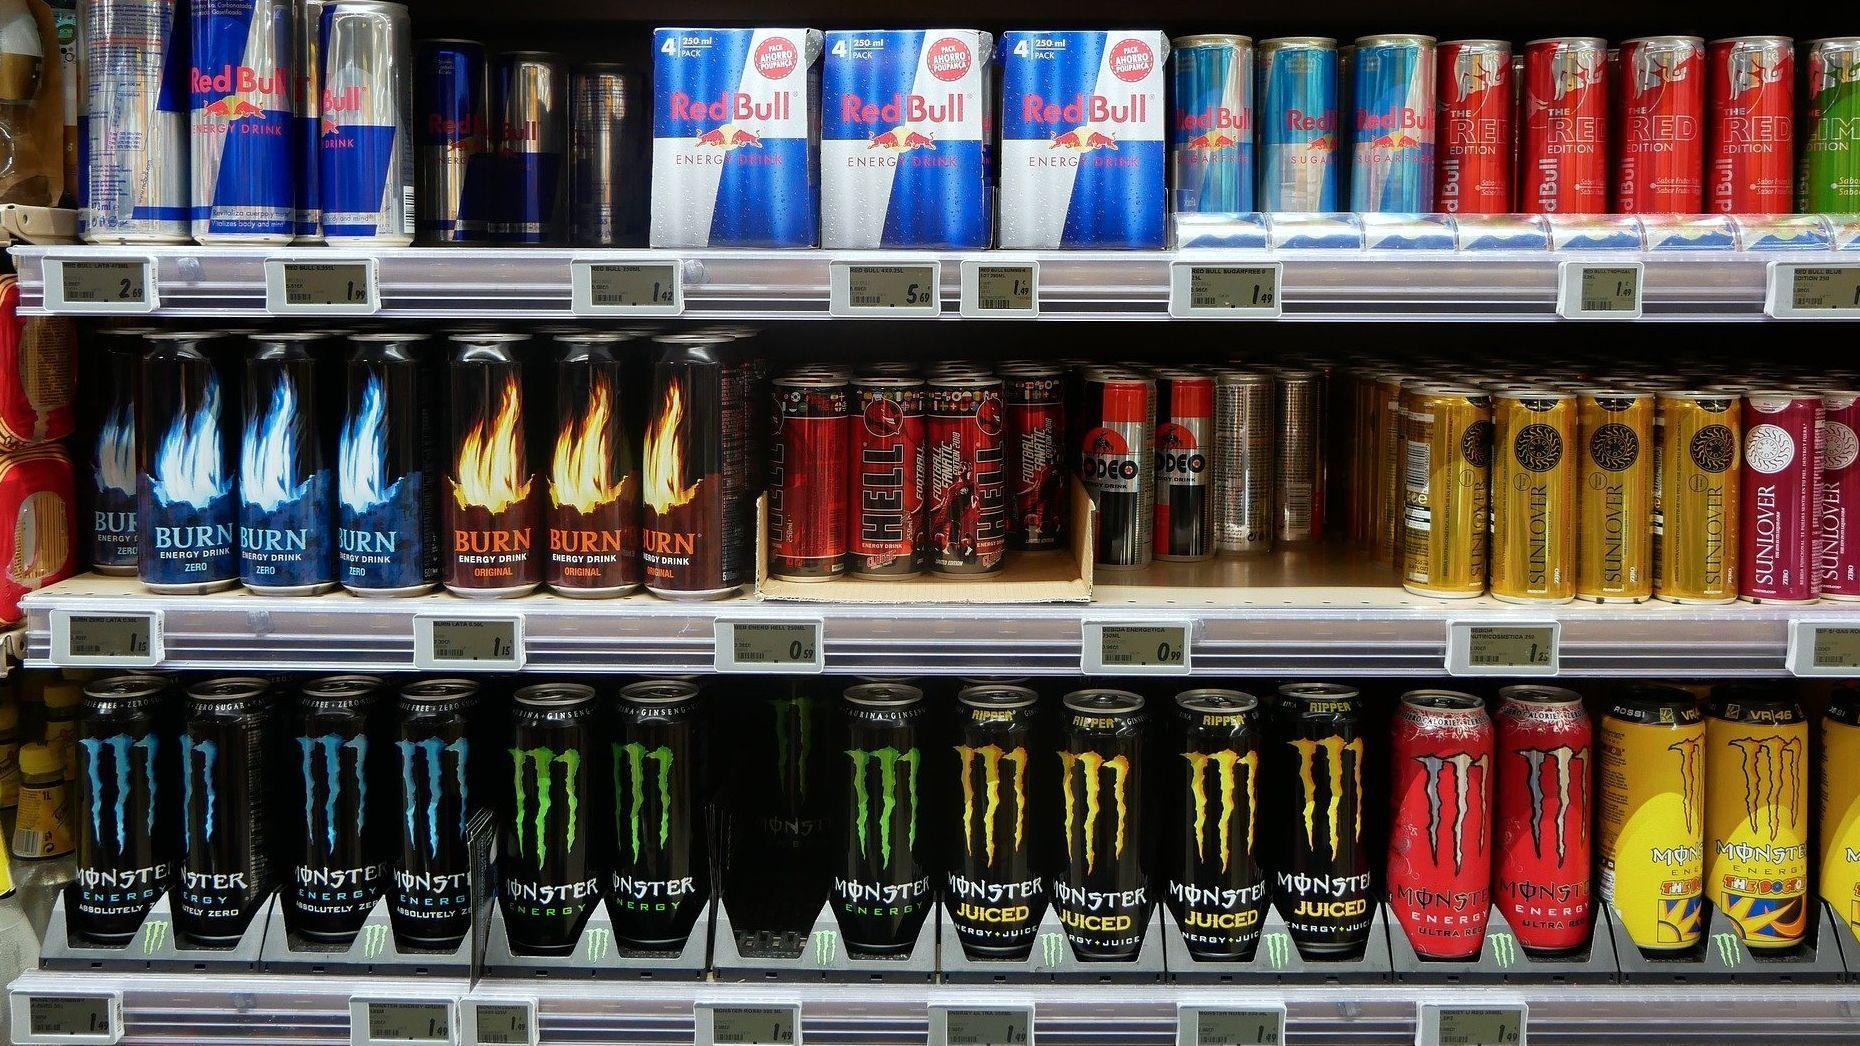 Gesundheitsschädlicher Wachmacher? So schädlich ist die Wirkung von Energy-Drinks auf den Körper